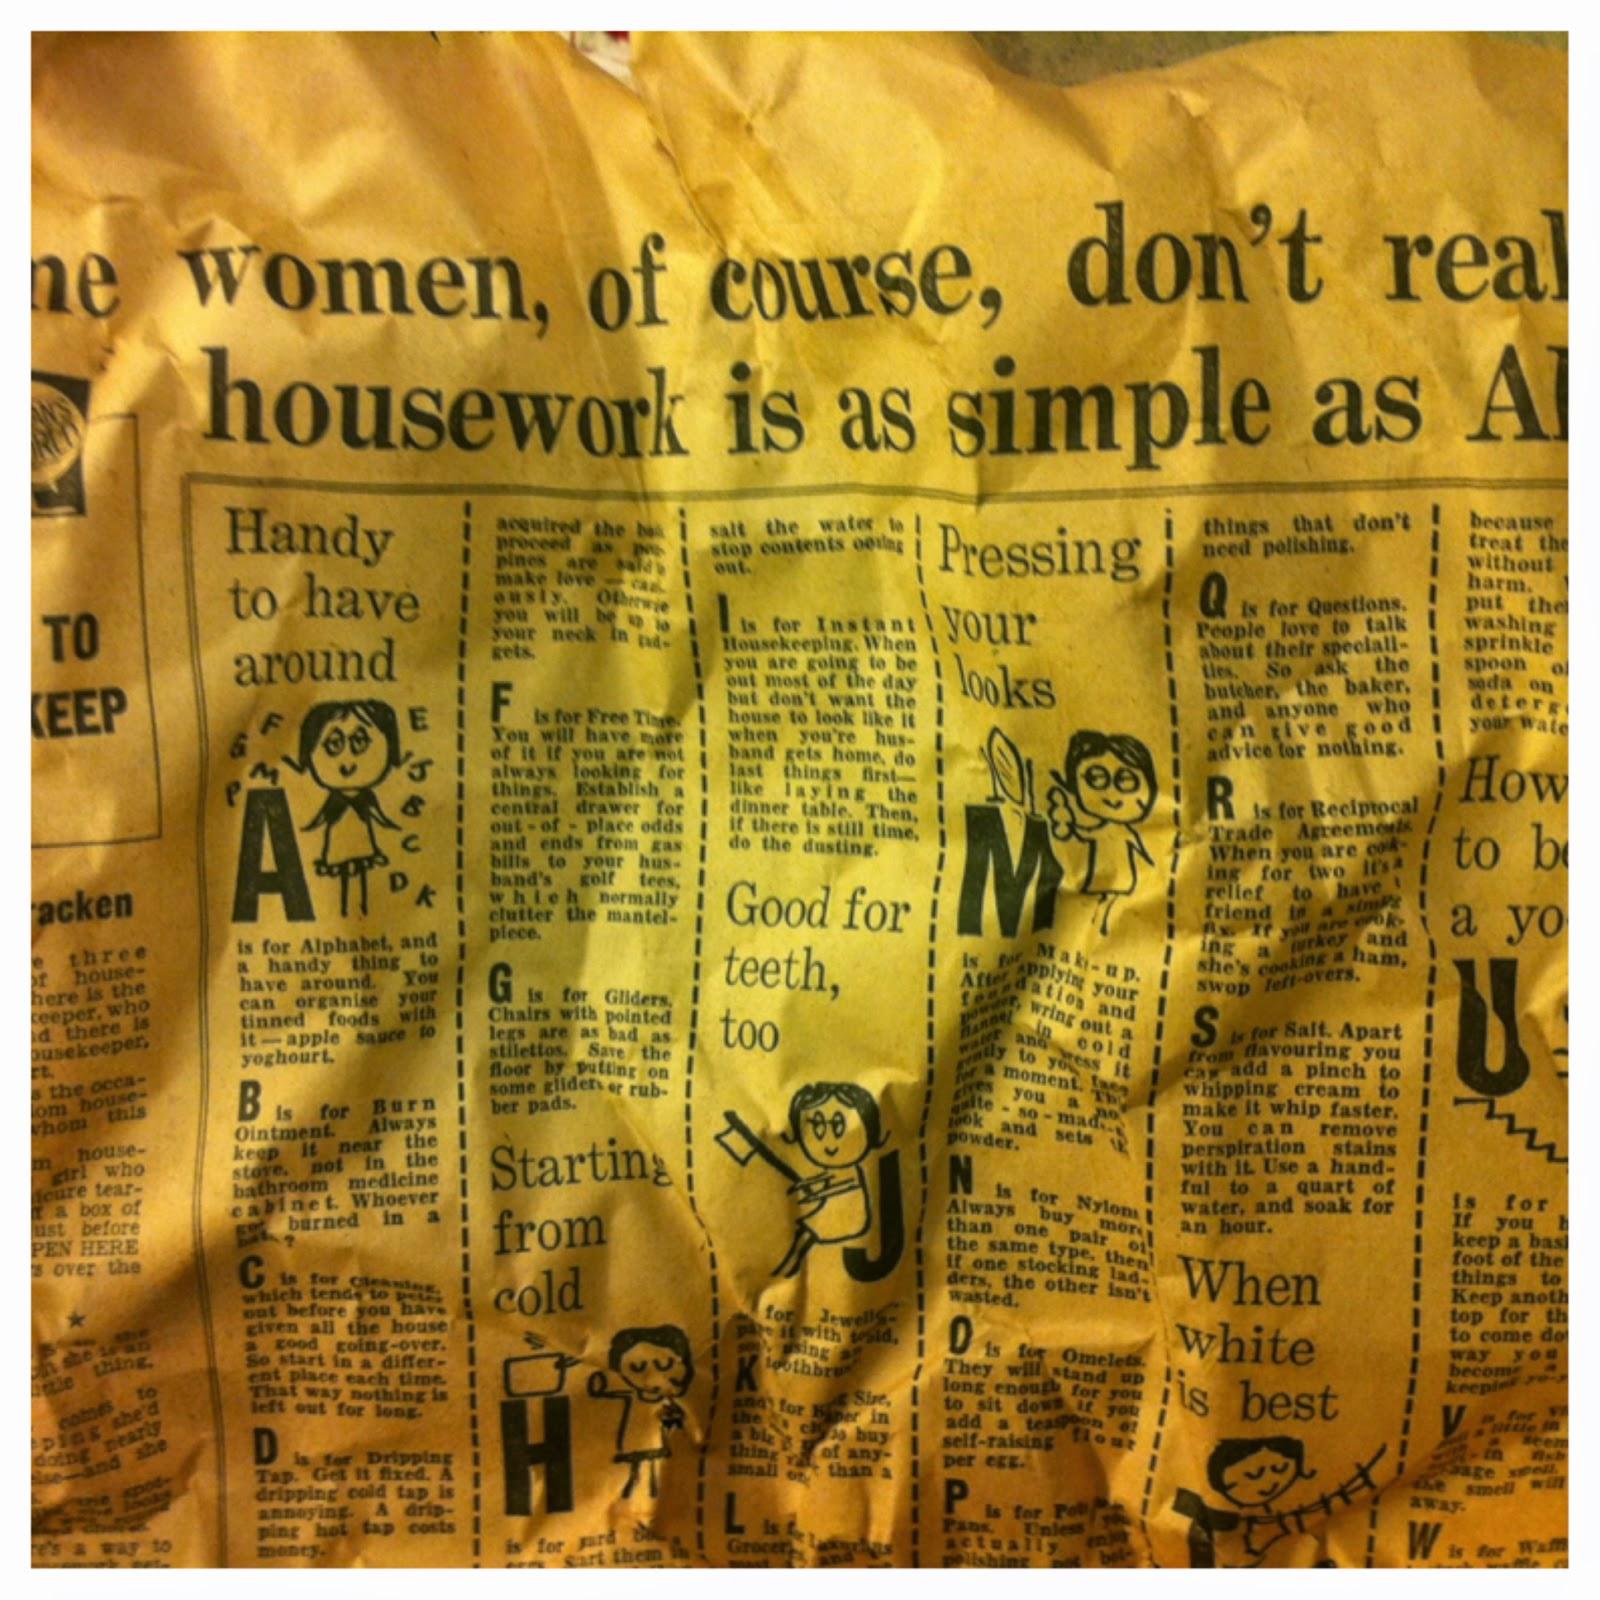 1960's newspaper